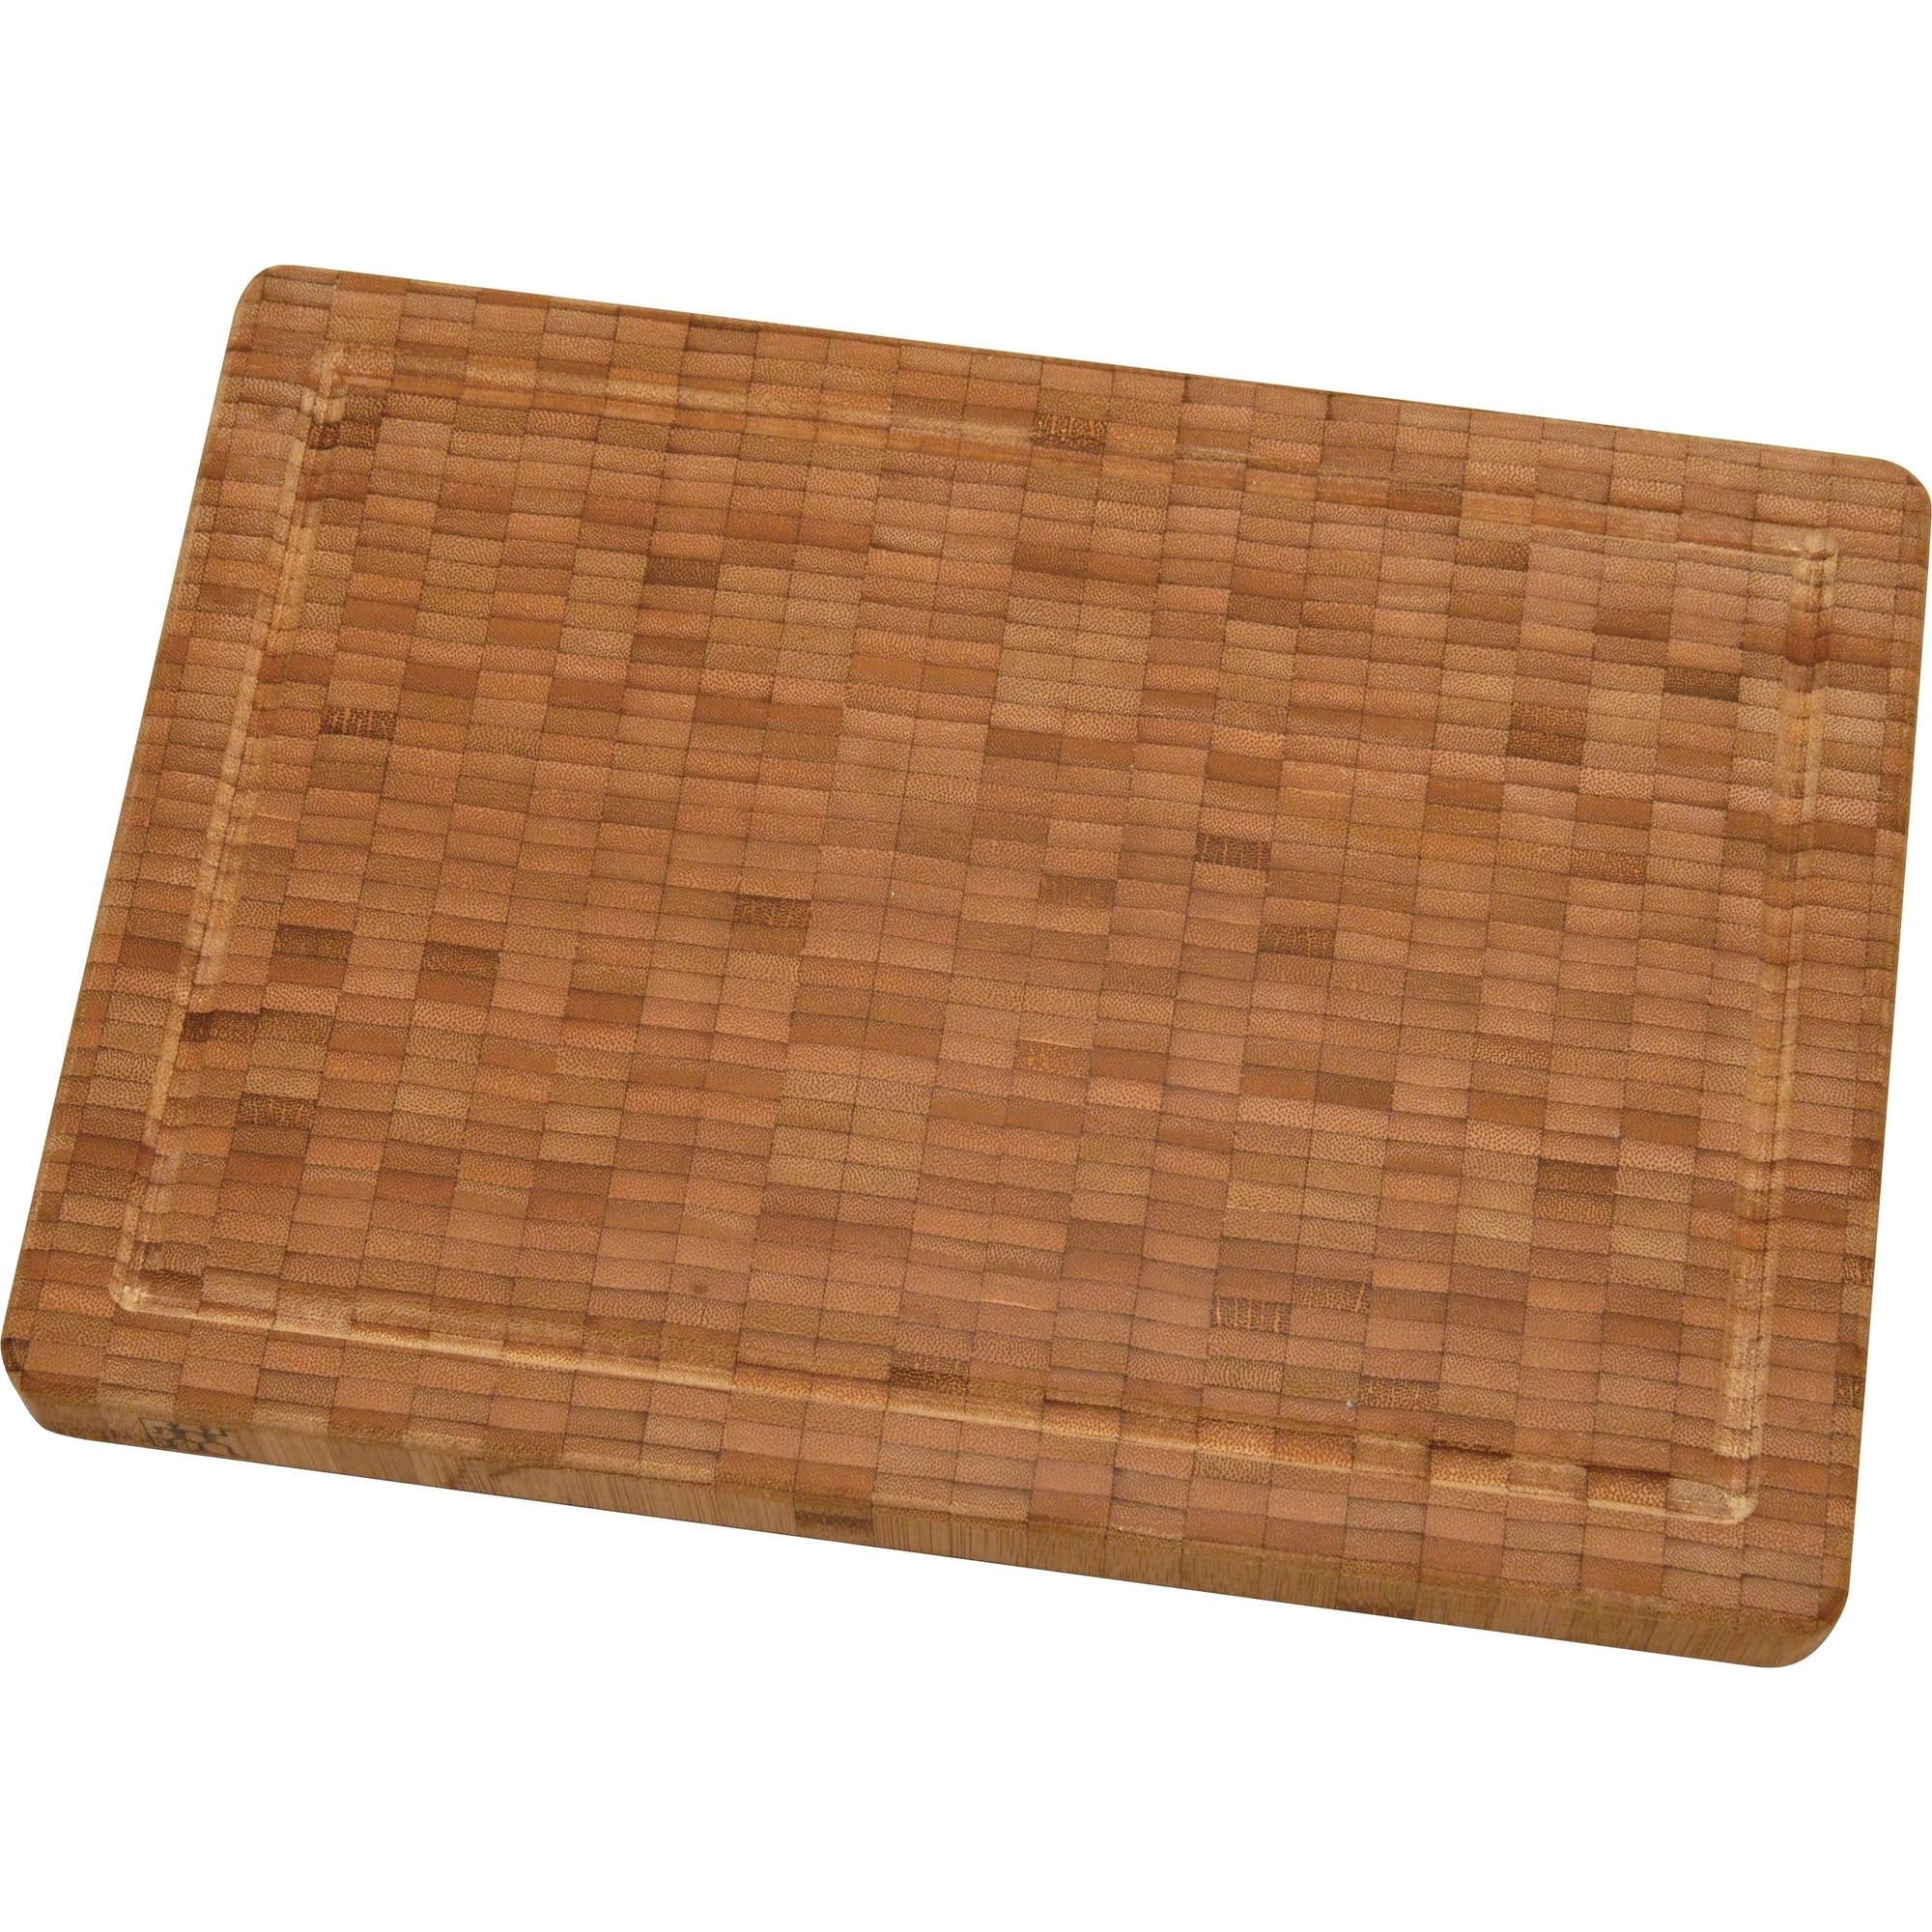 Zwilling Skärbräda Bambu 36 x 25 x 3 cm